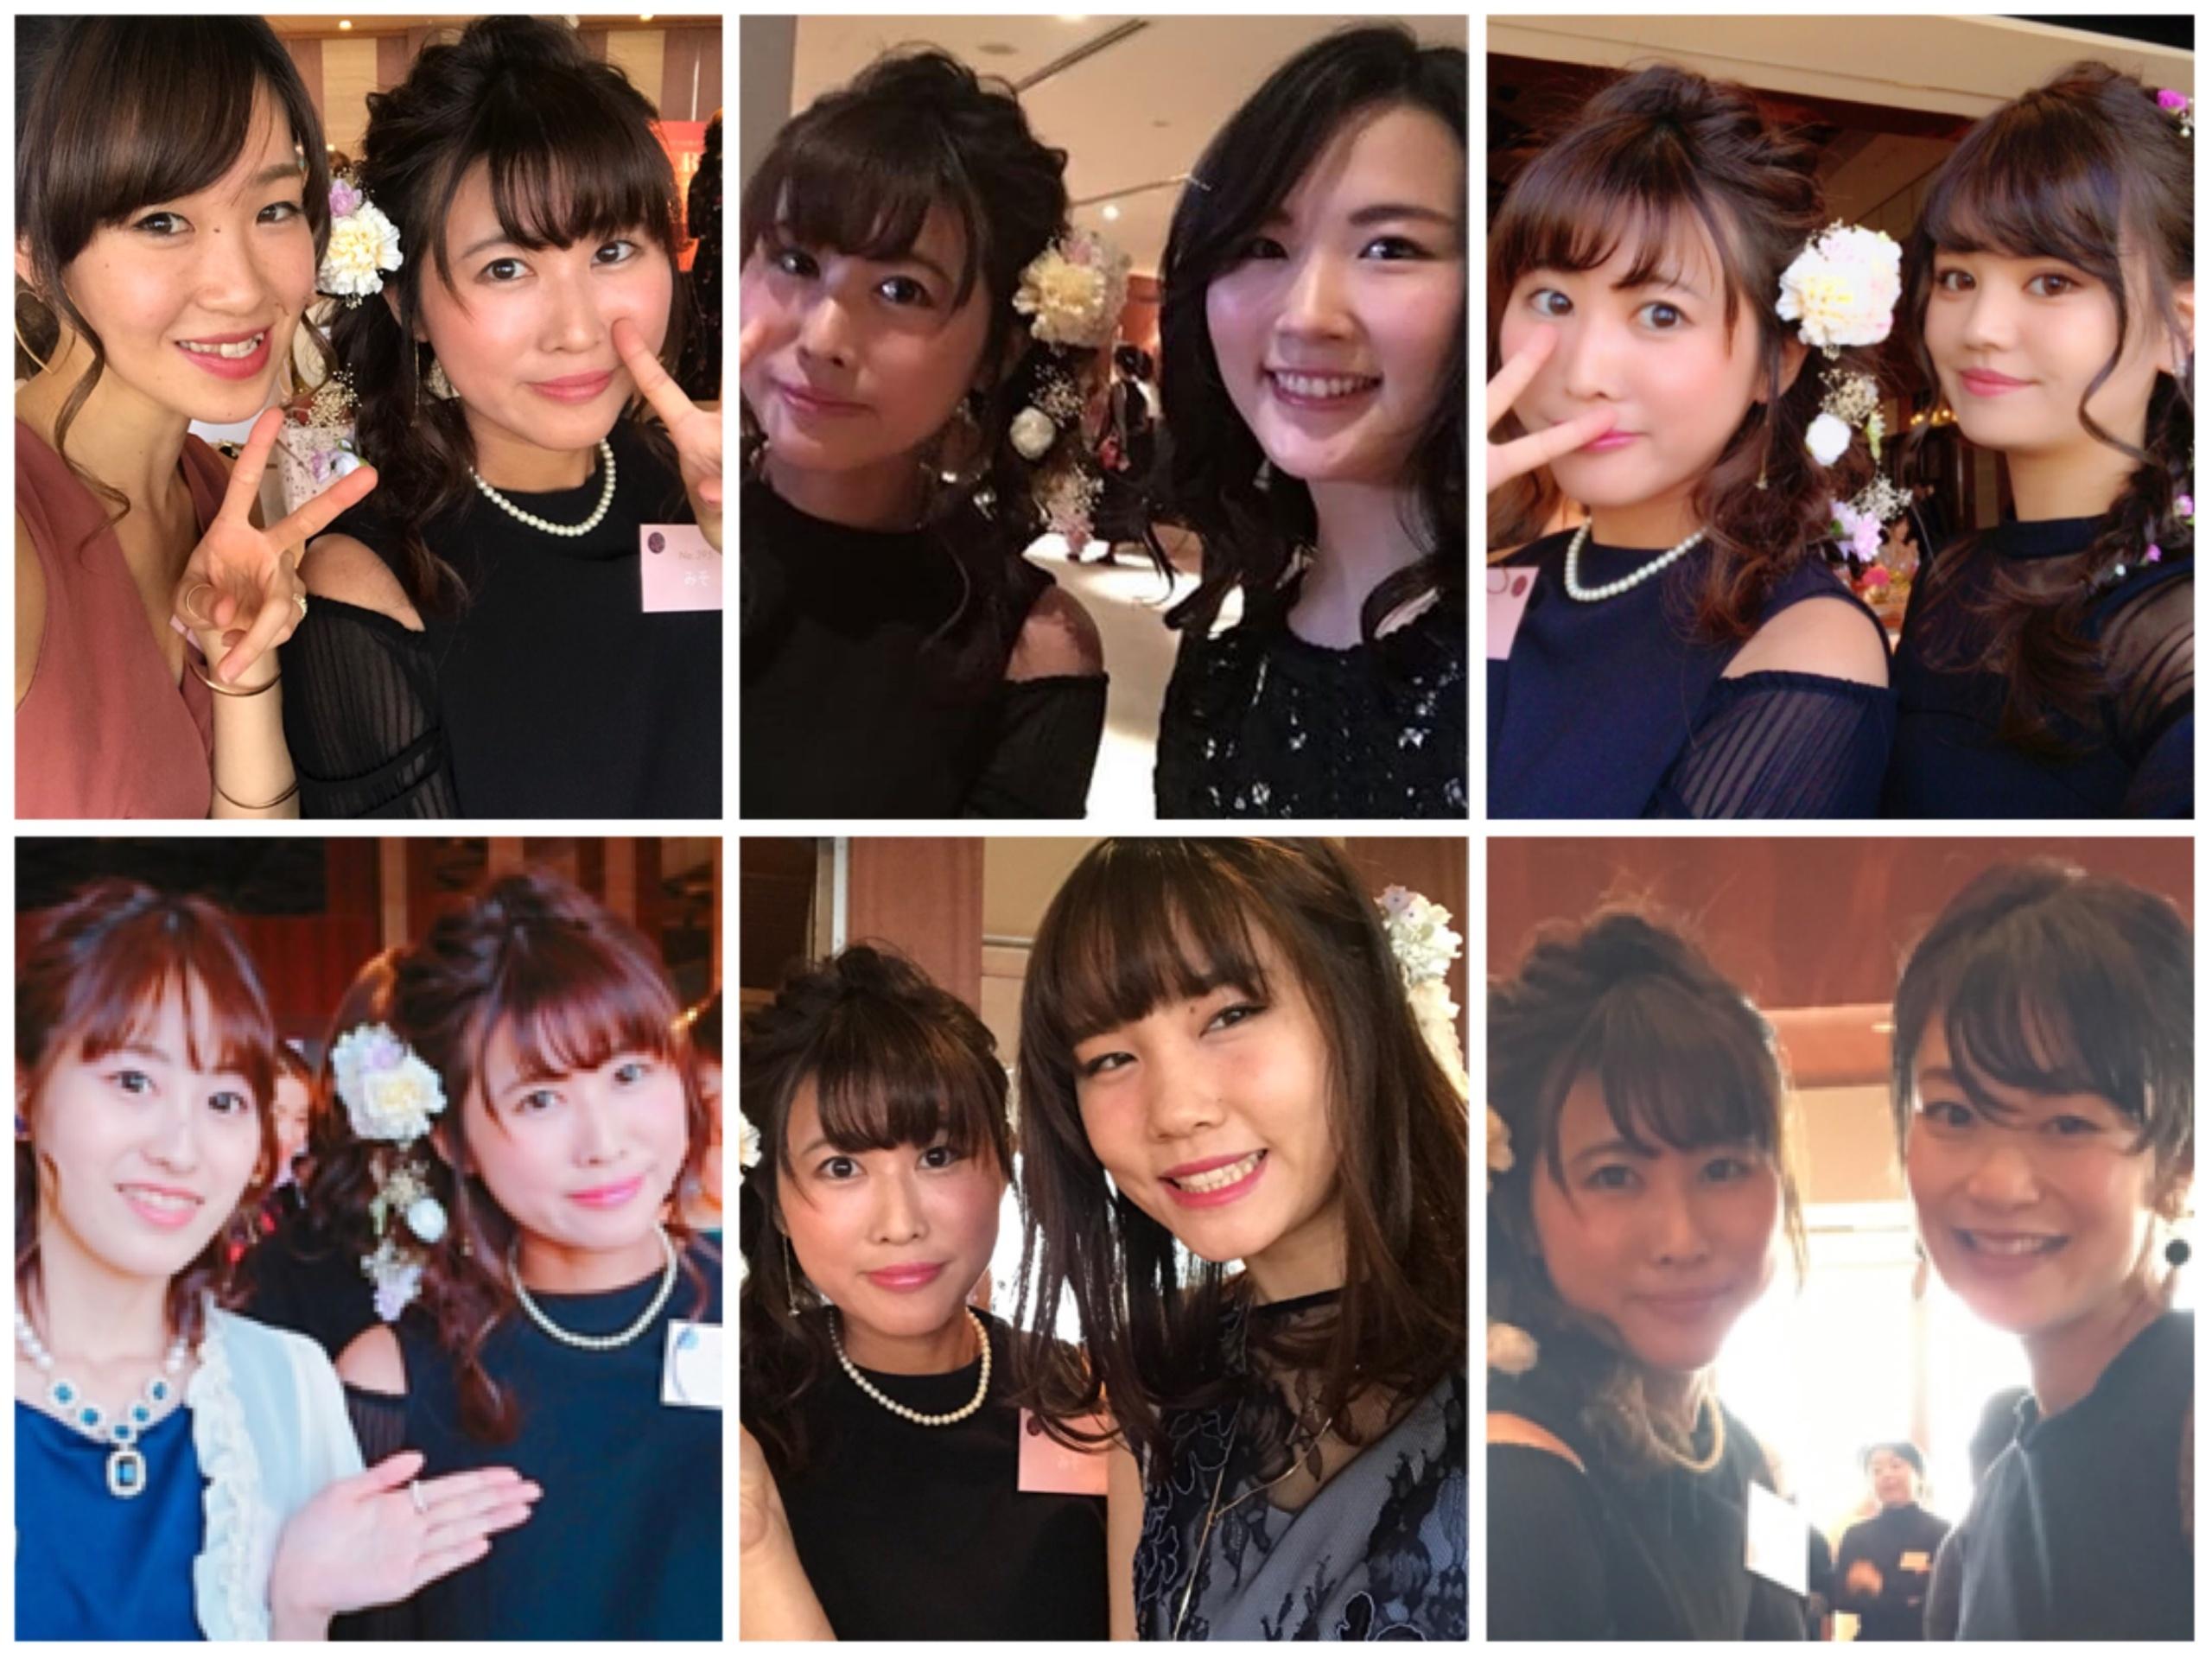 【MORE大女子会2018】モアハピ部ブログアワード2017 年間PV数3位!「ありがとうございました☺︎」_4